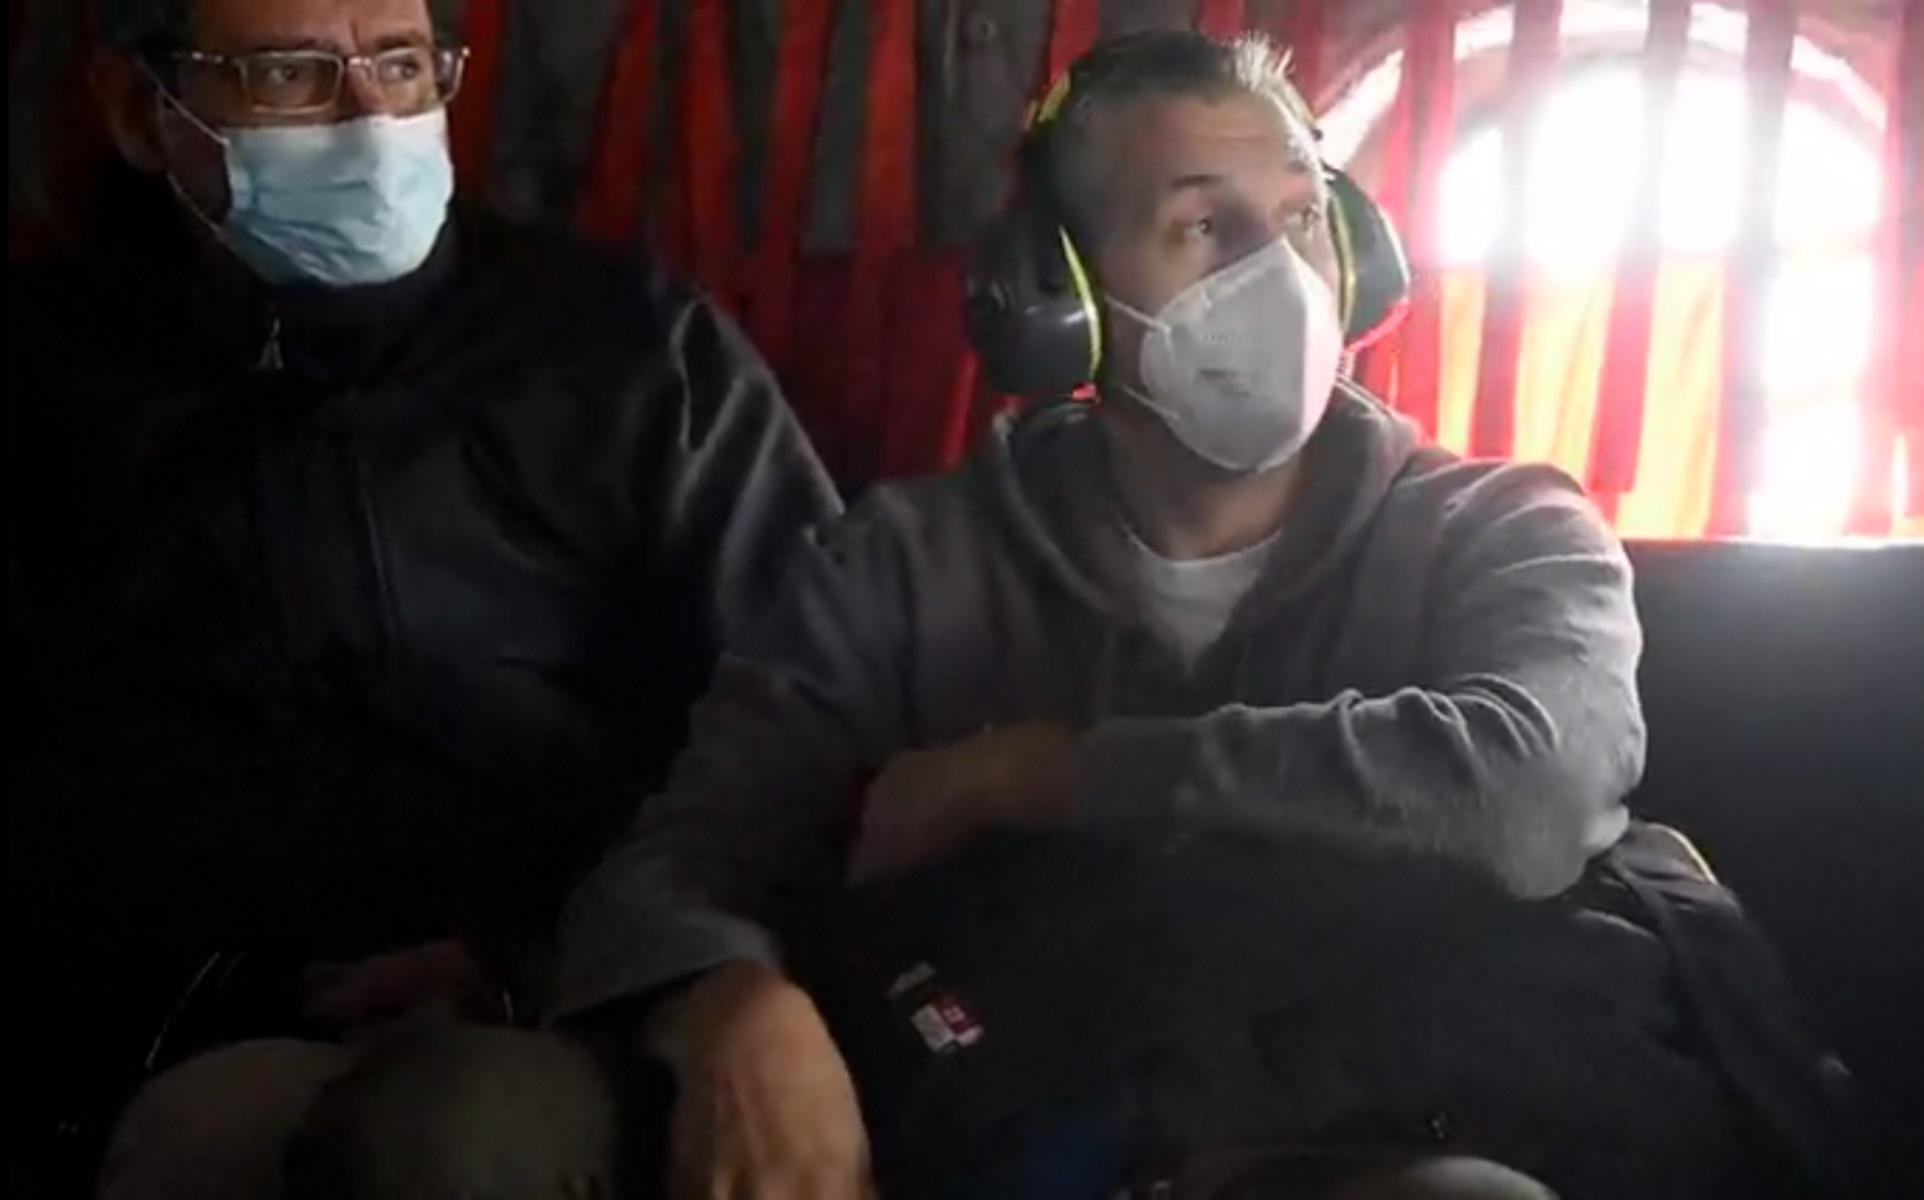 Δημήτρης Διαμαντίδης και Νίκος Φιλίππου σε ελικόπτερο Σινούκ μετά την άσκηση «Παρμενίων»